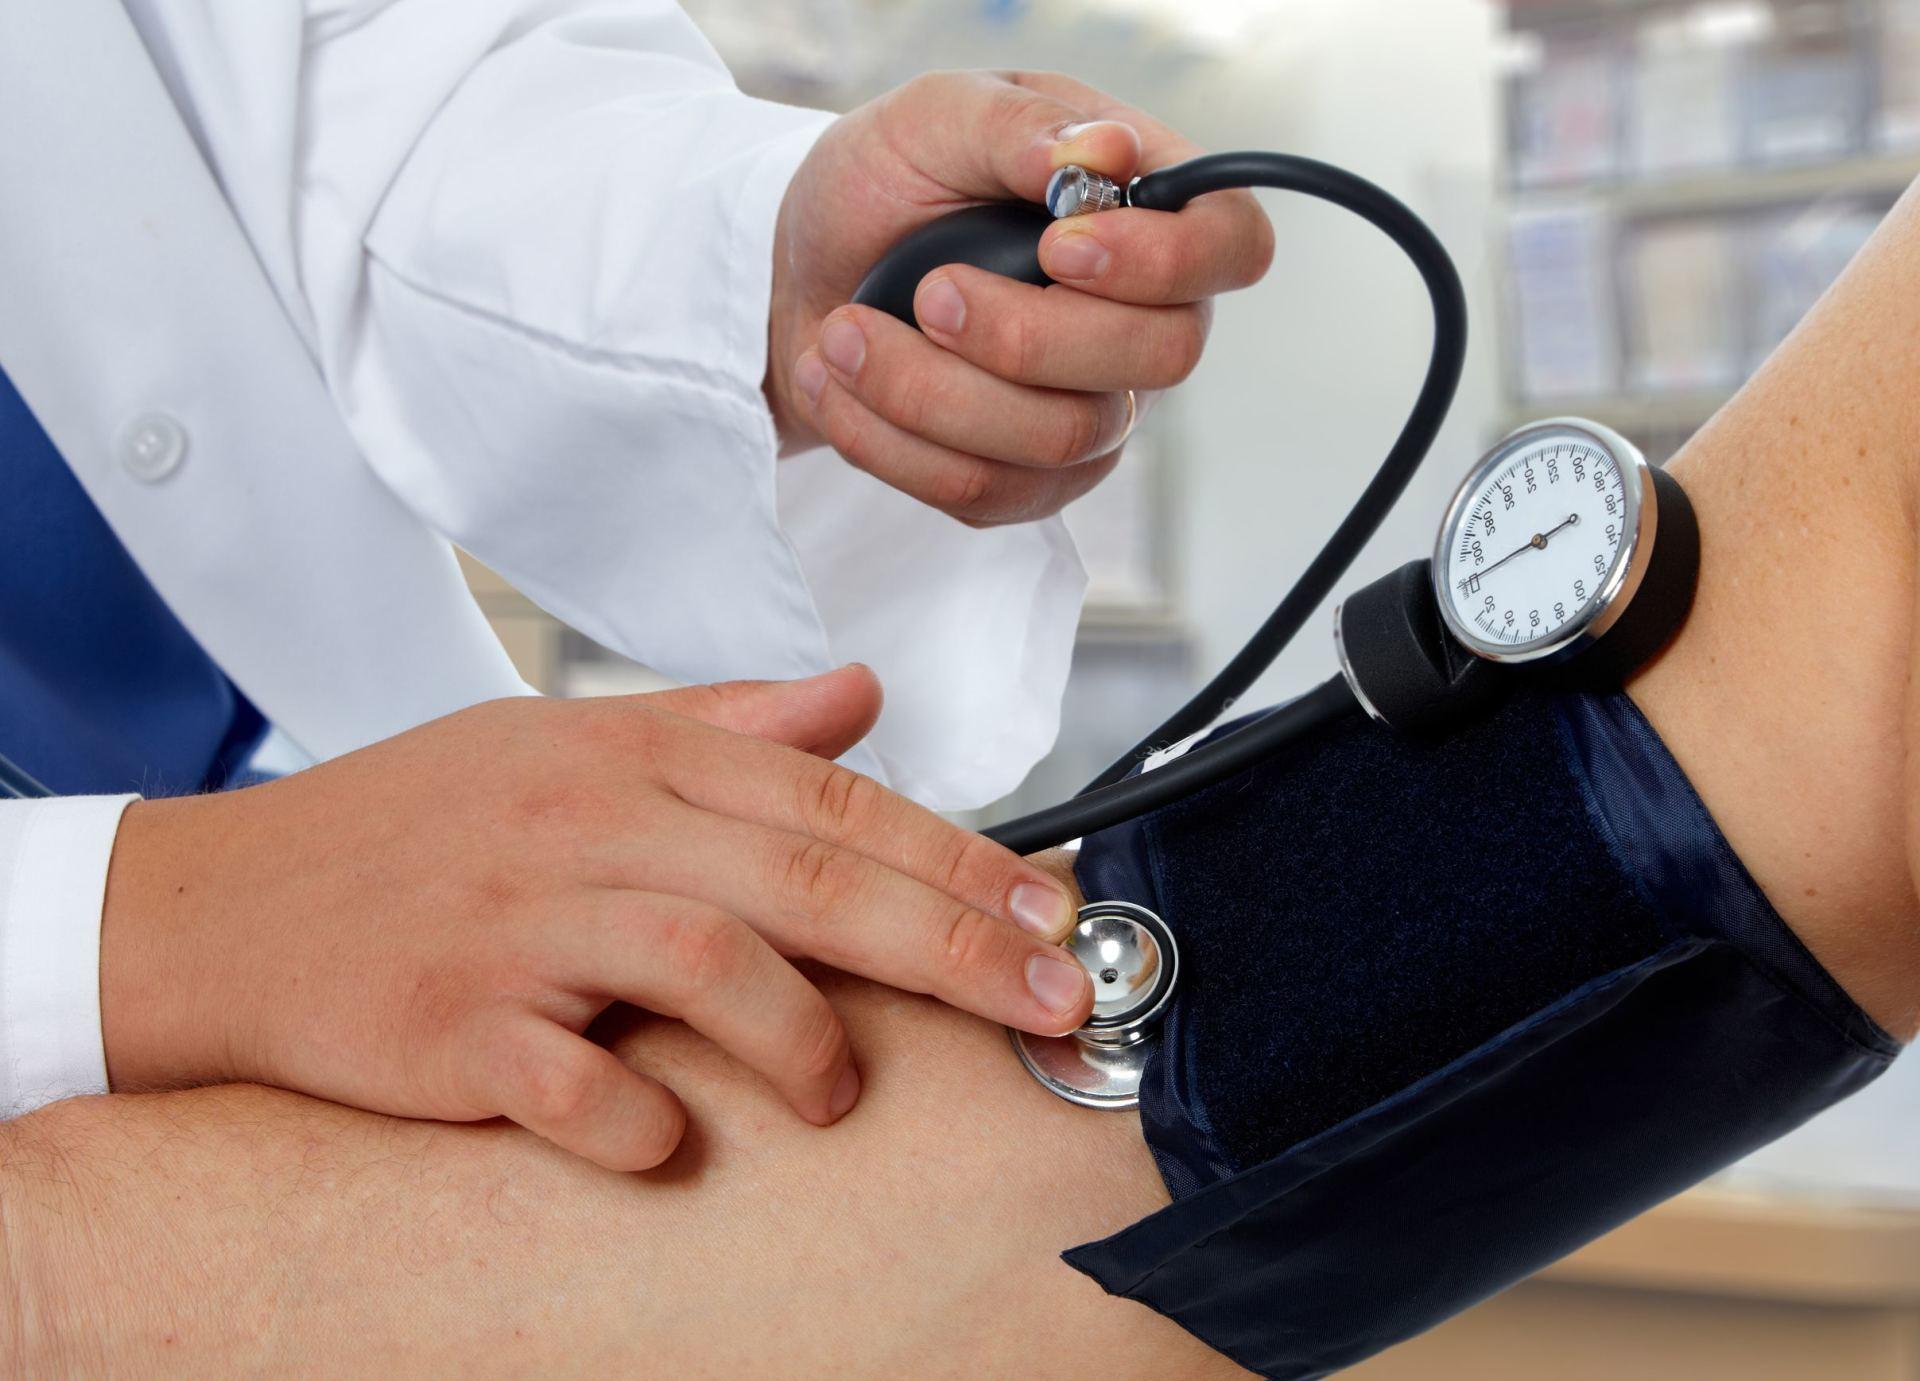 kaip atsikratyti hipertenzijos namuose